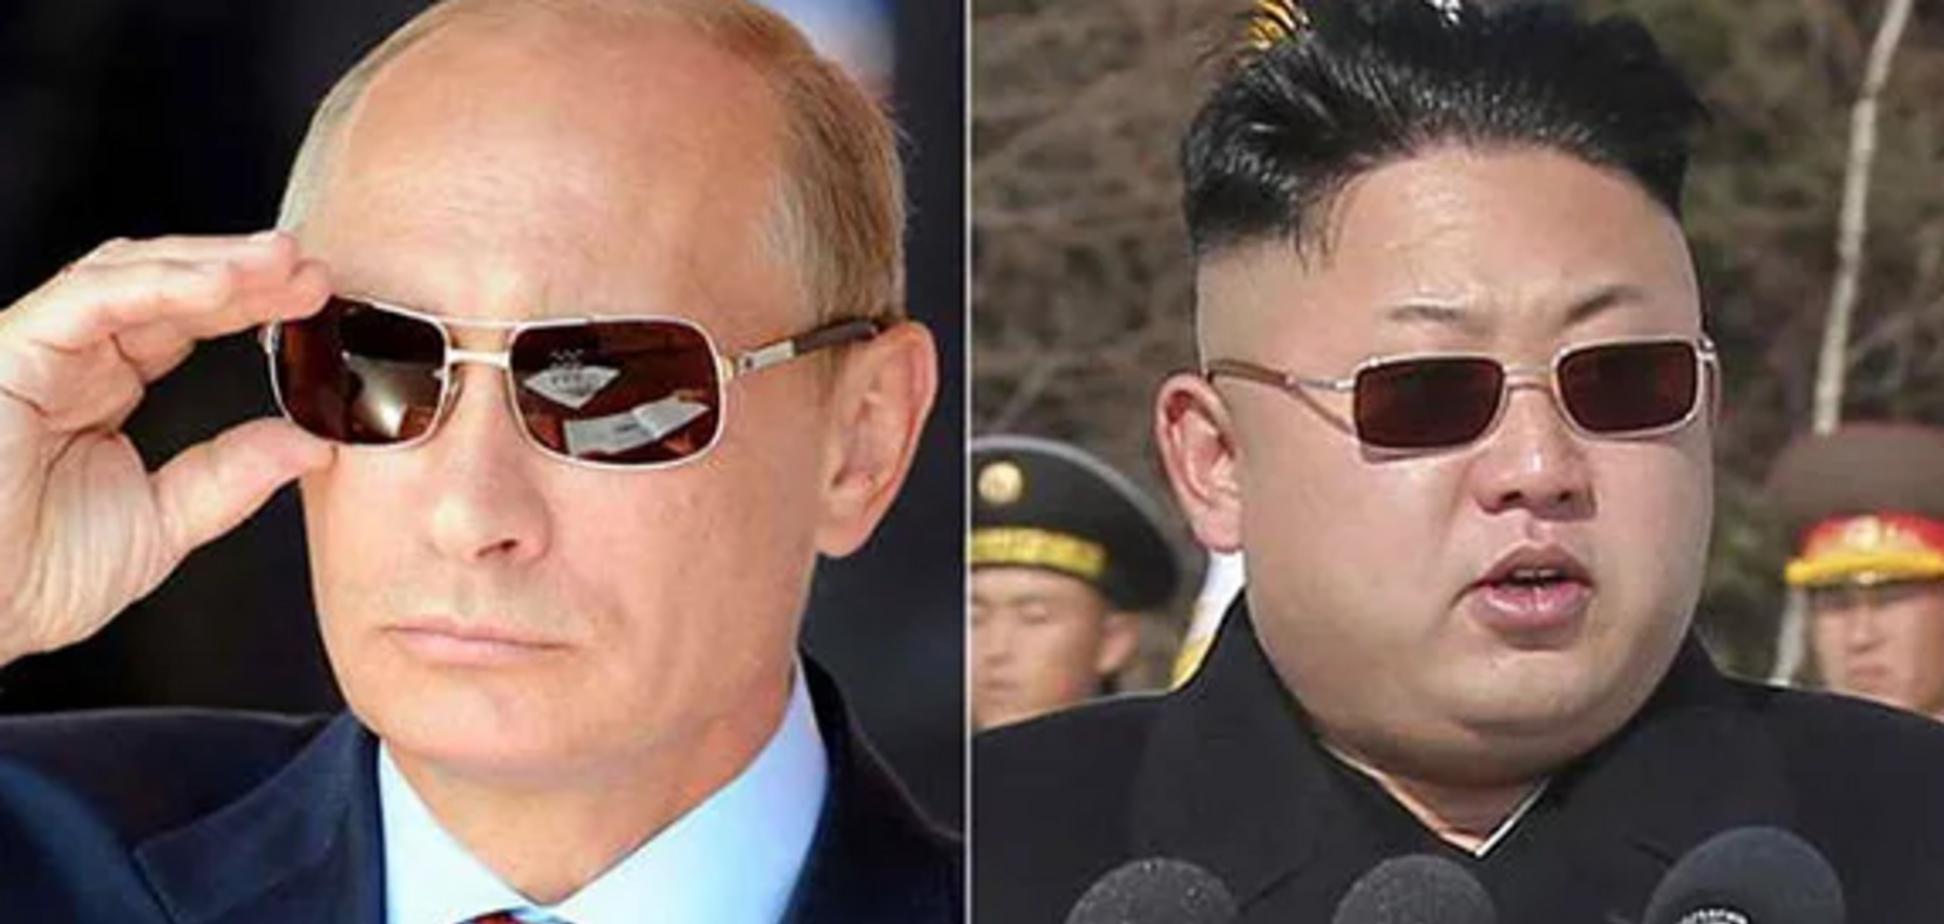 Кім Чен Ин їде до Путіна: в Росії помітили лімузин глави КНДР